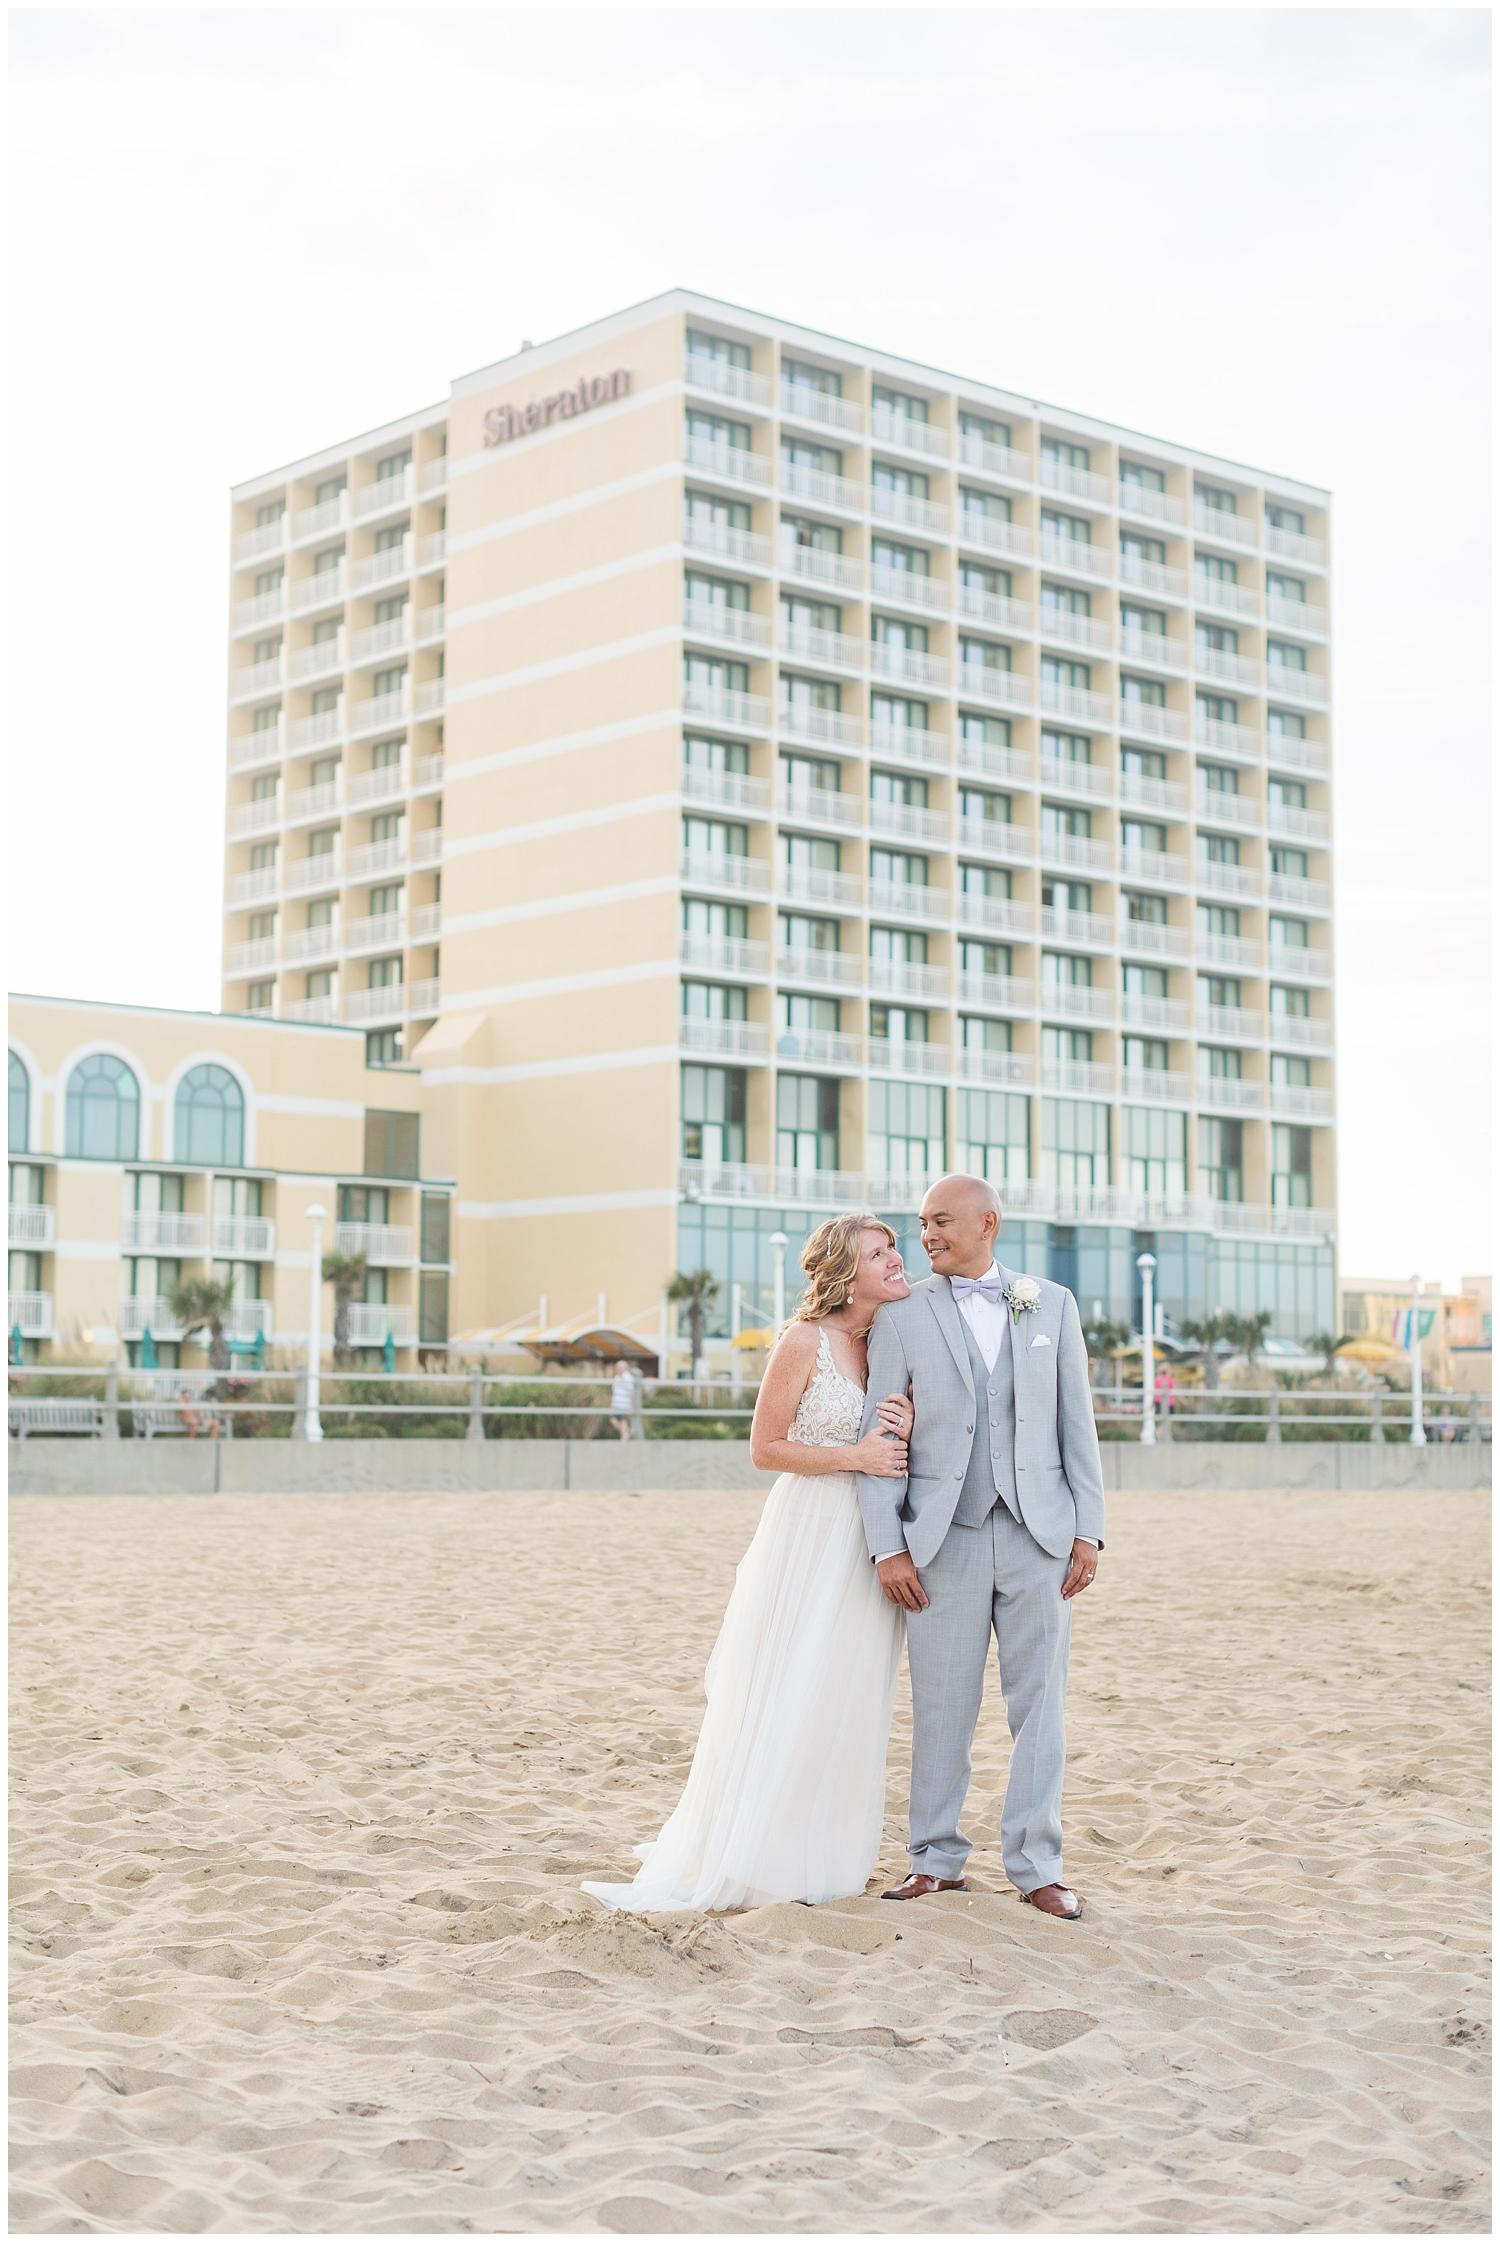 sheraton virginia beach oceanfront wedding by elovephotos_1060.jpg